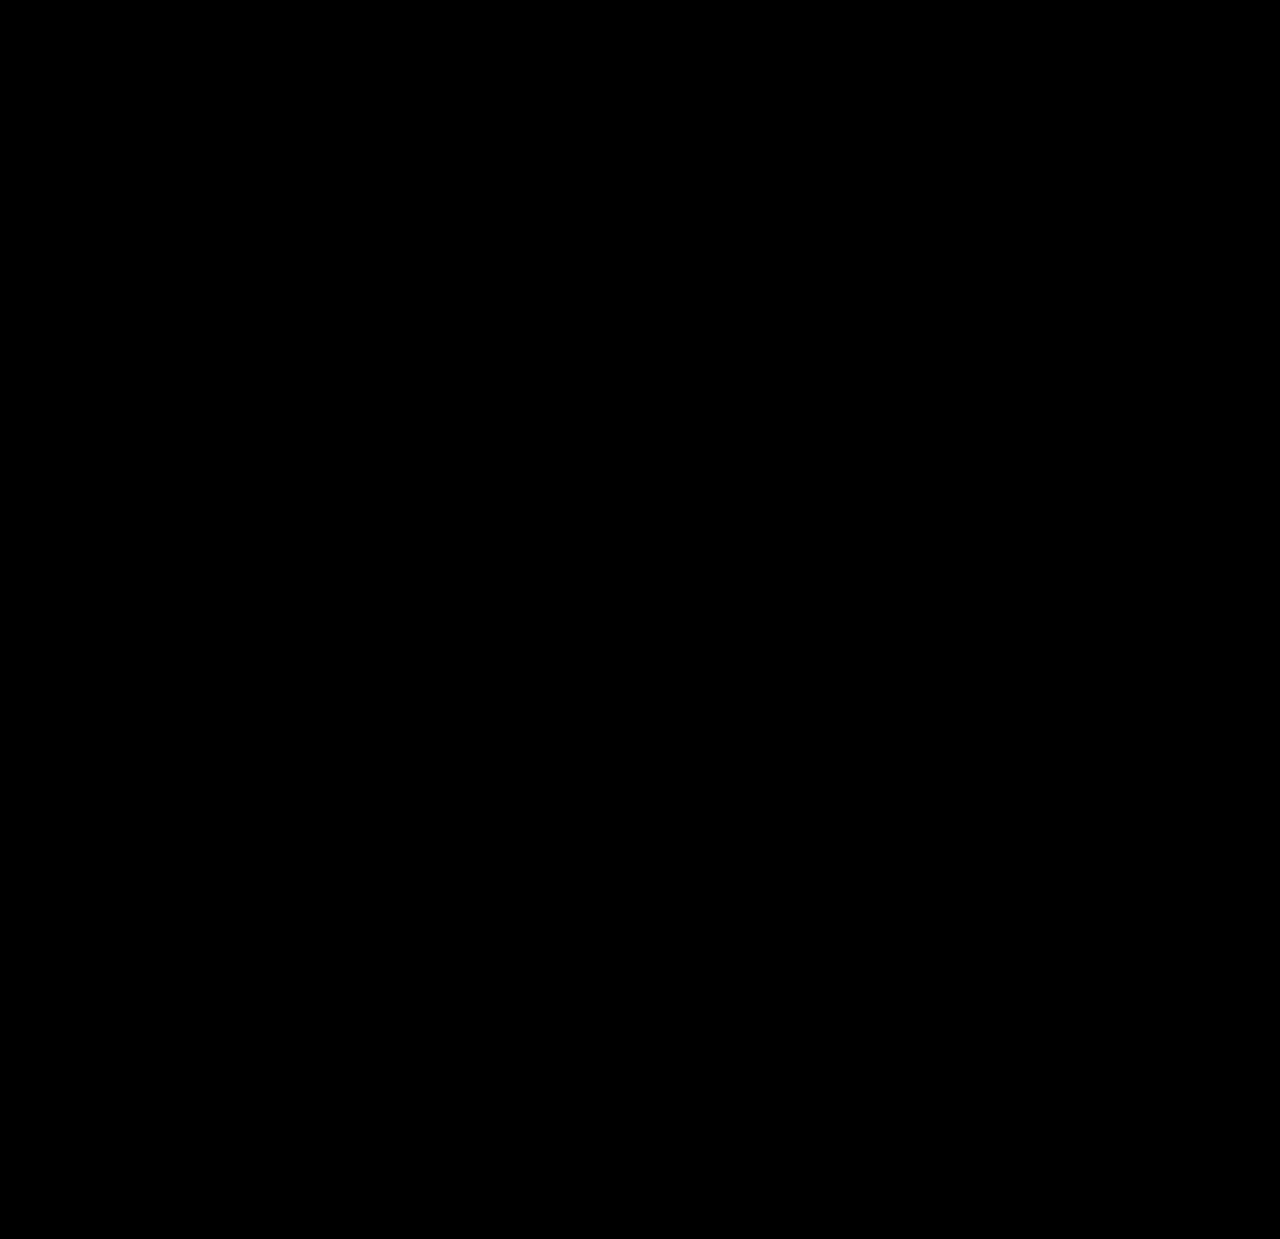 Kaneki Lineart : Kaneki ken lineart by tobeyd on deviantart